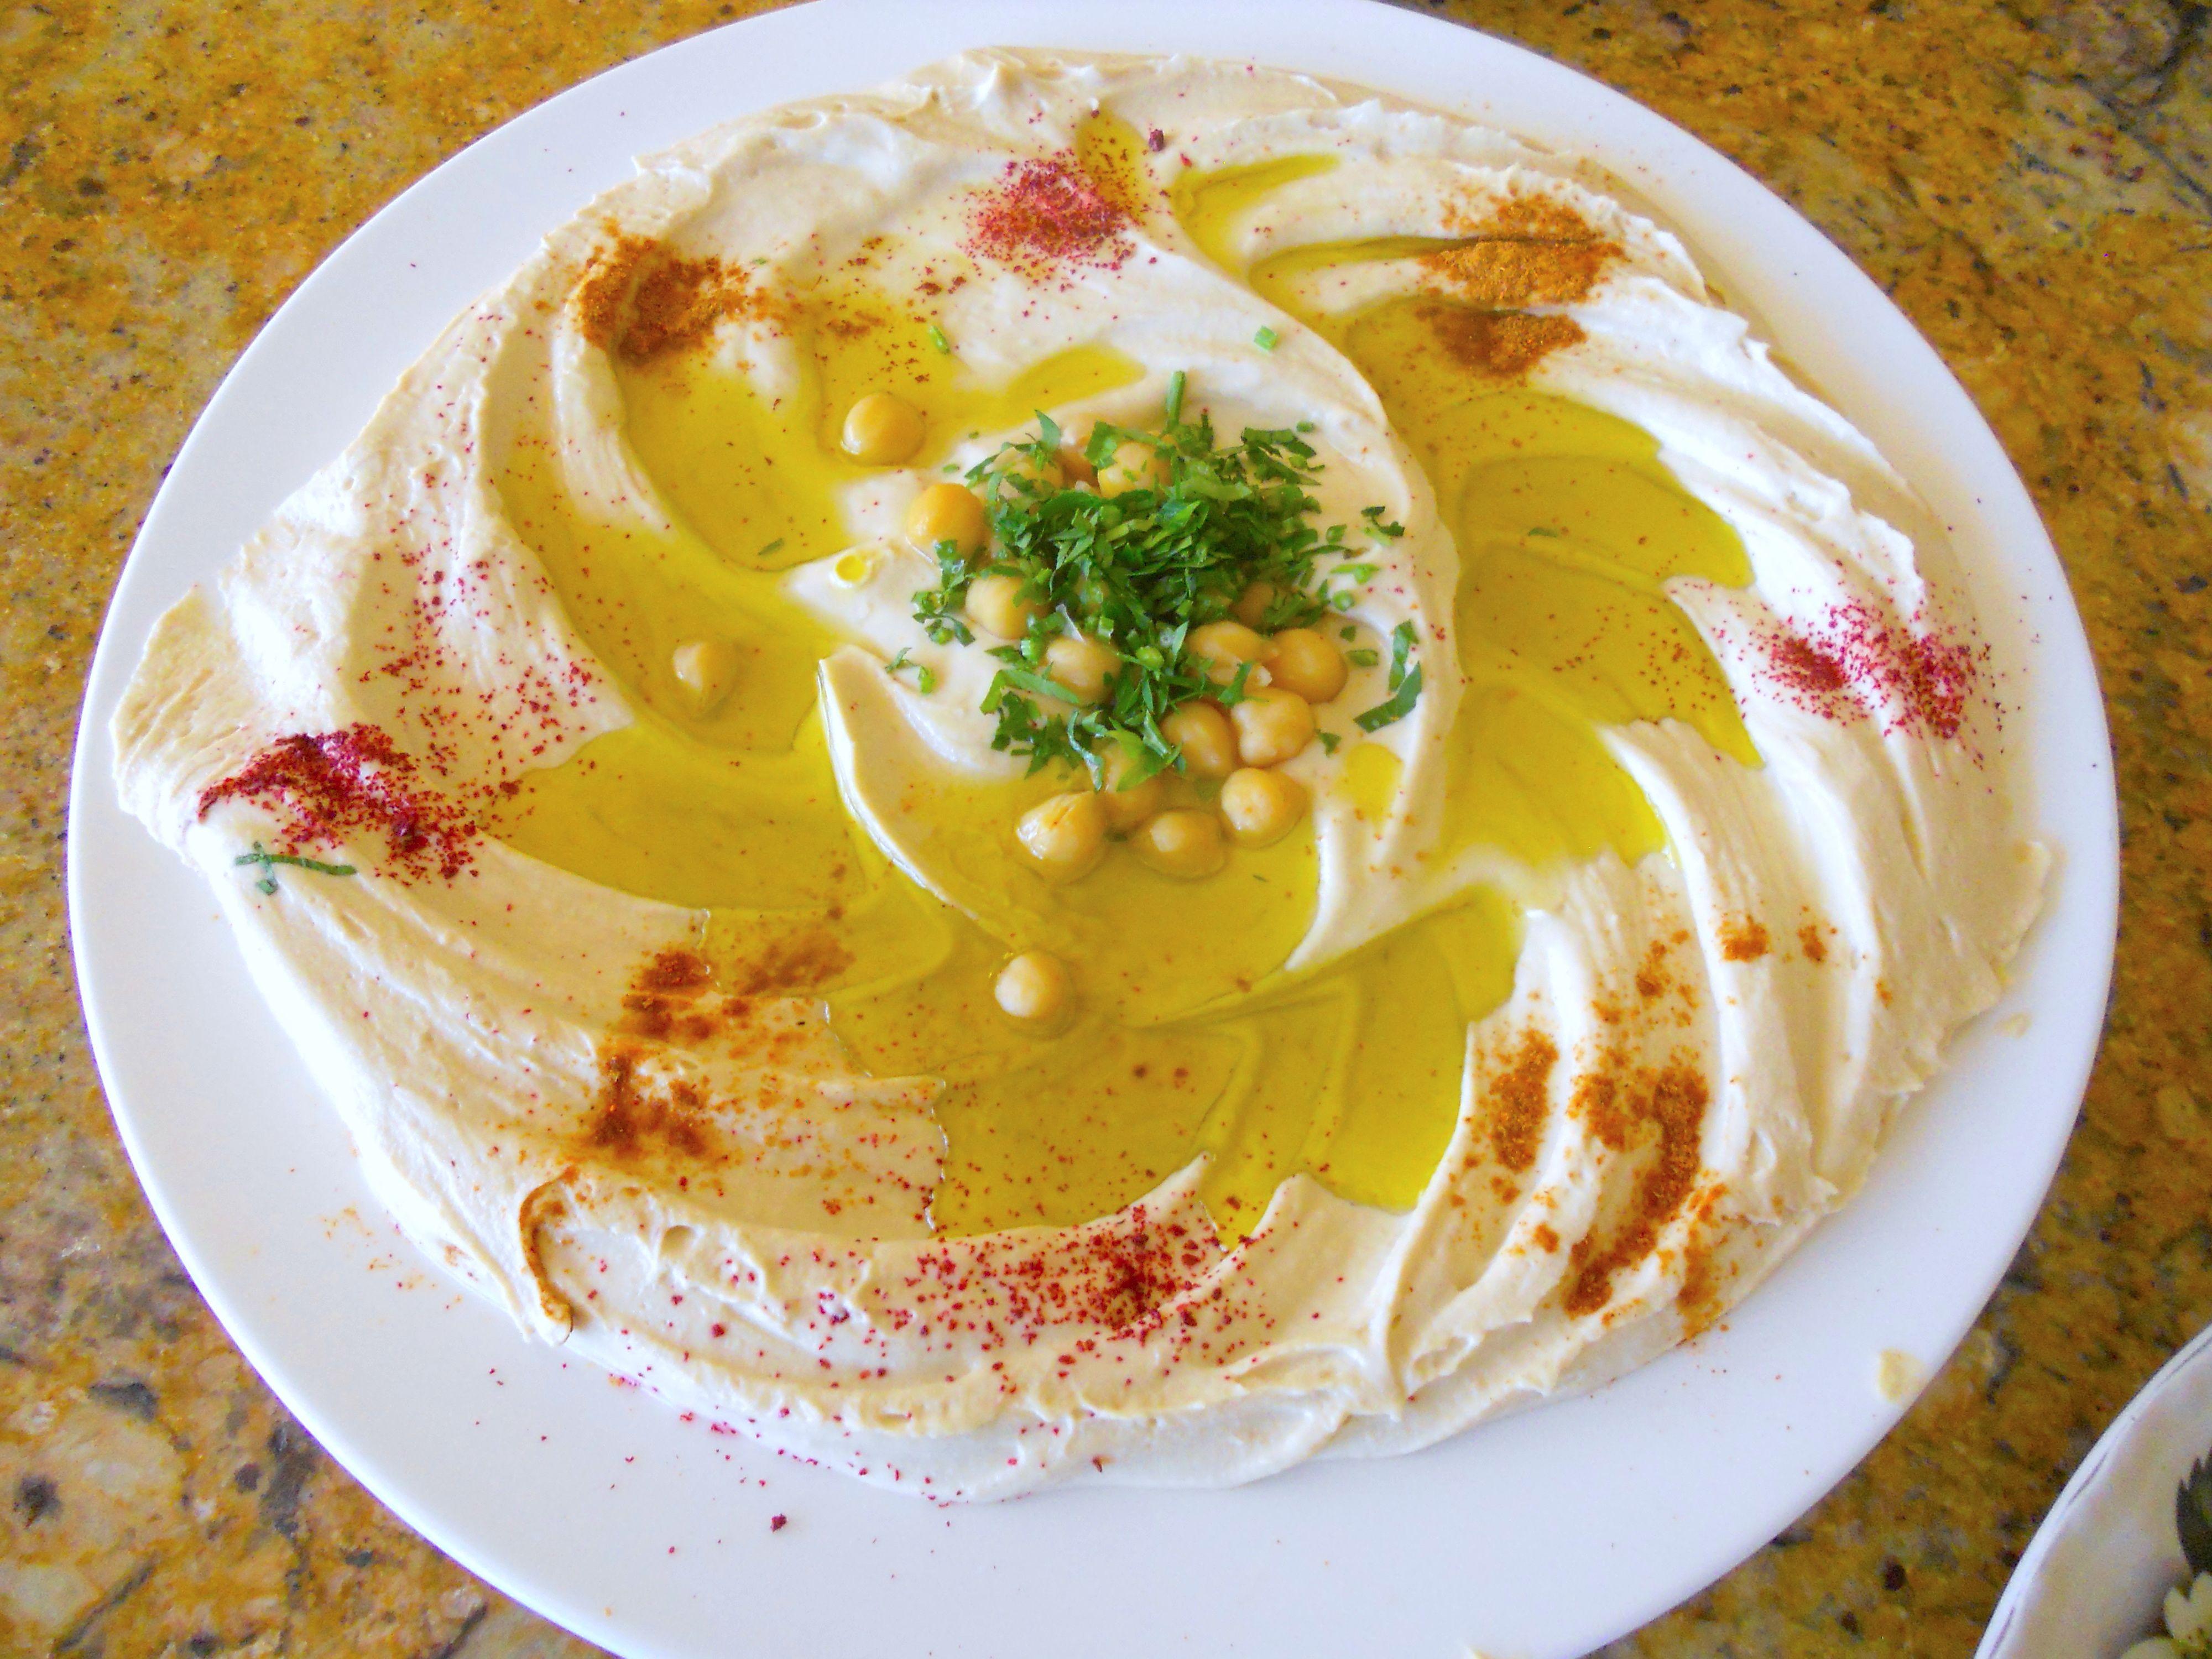 Hummus bean dip appetizers afghanistan recipe afghanistan hummus bean dip appetizers afghanistan recipe afghanistan food recipe forumfinder Choice Image